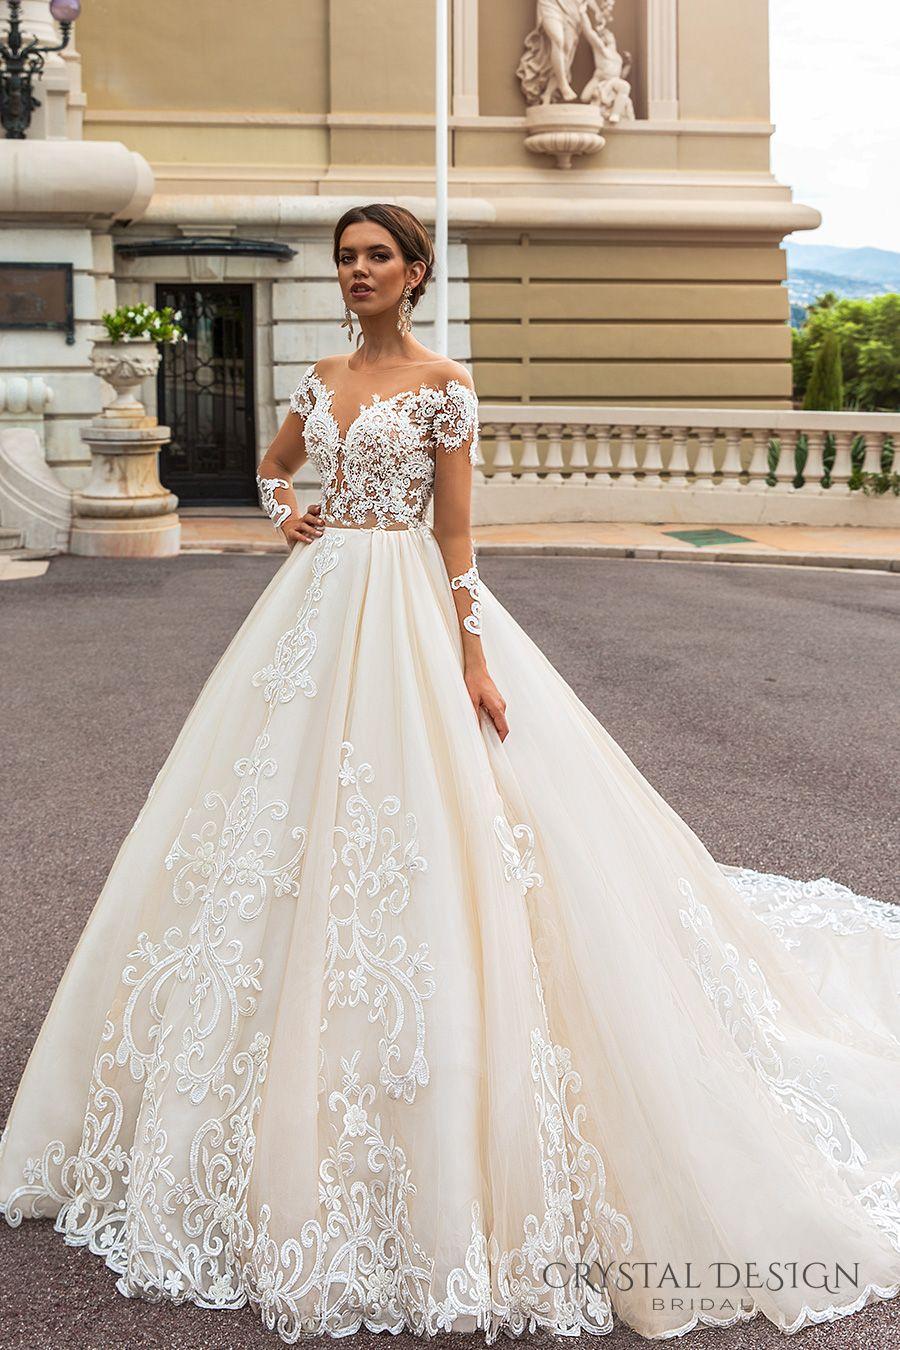 Großhandel Langärmlige Prinzessin Königliche Zug Brautkleider 13 Kristall  Design Braut Aus Der Schulter Tiefe Schatz Verschönert Mieder Von